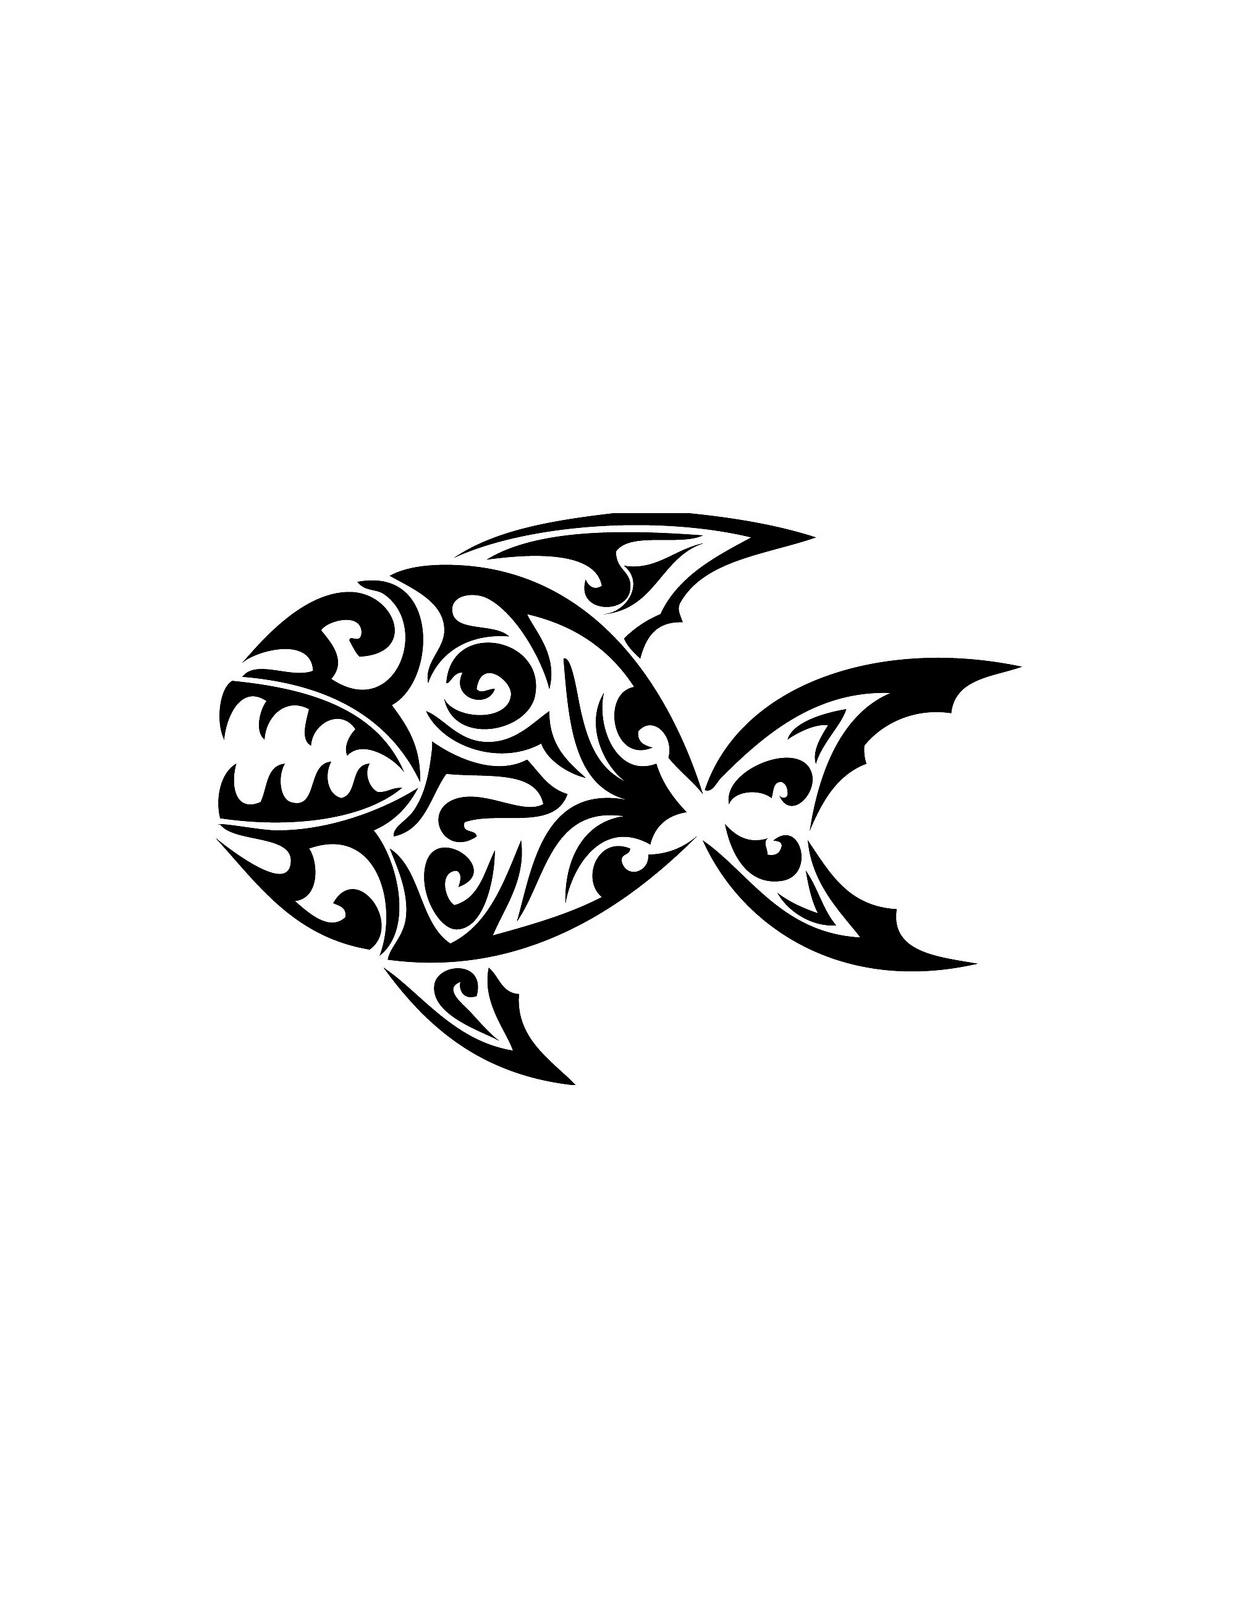 Tribal Fish Drawing At Getdrawings